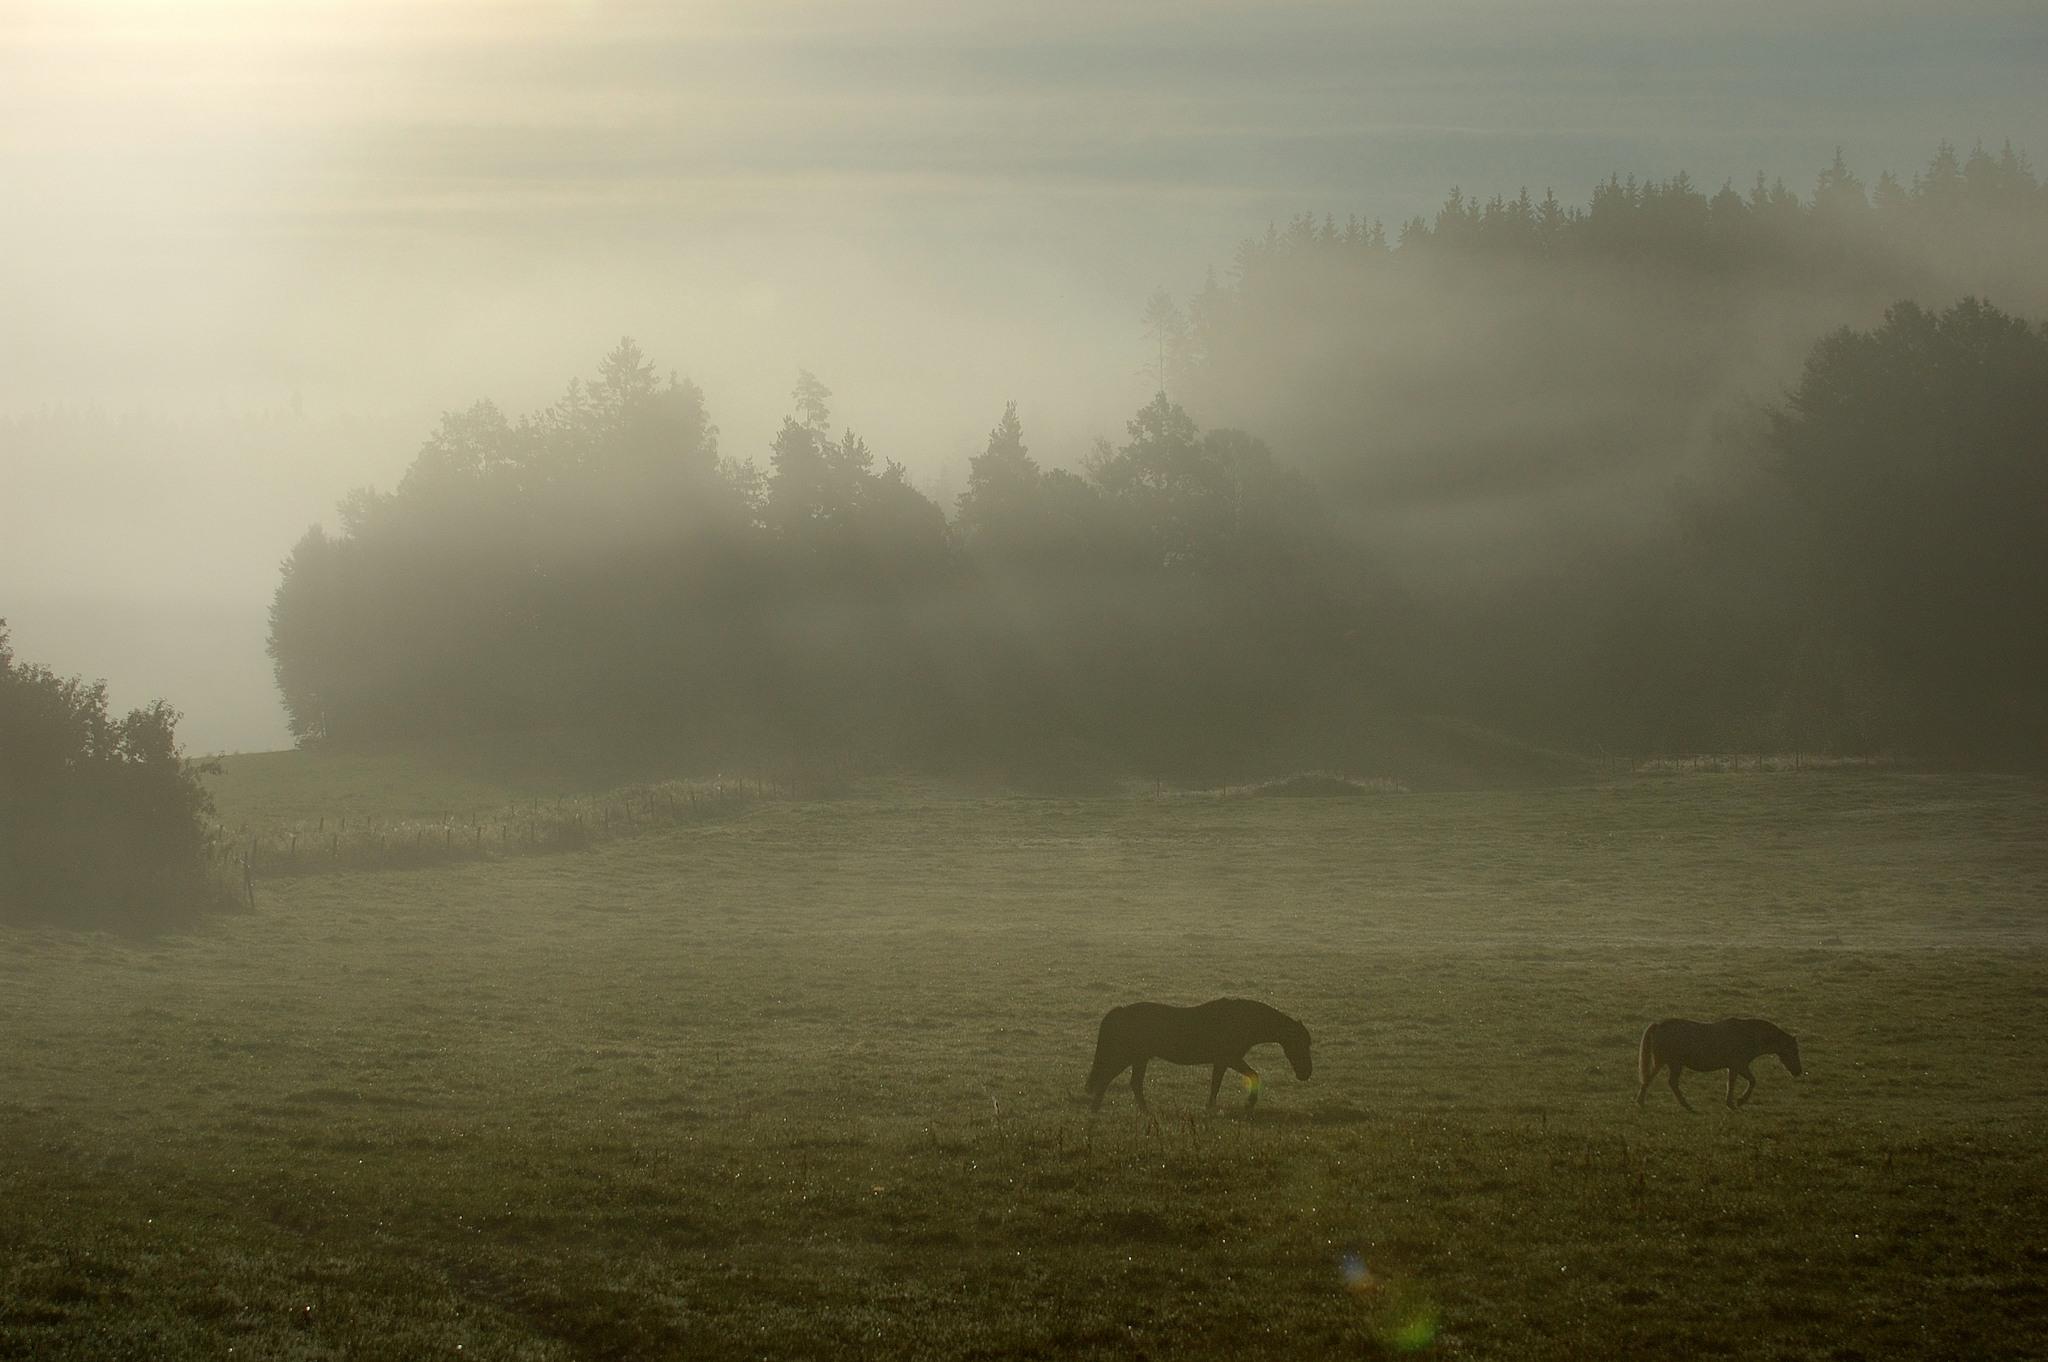 En häst som går på en äng i dimma.